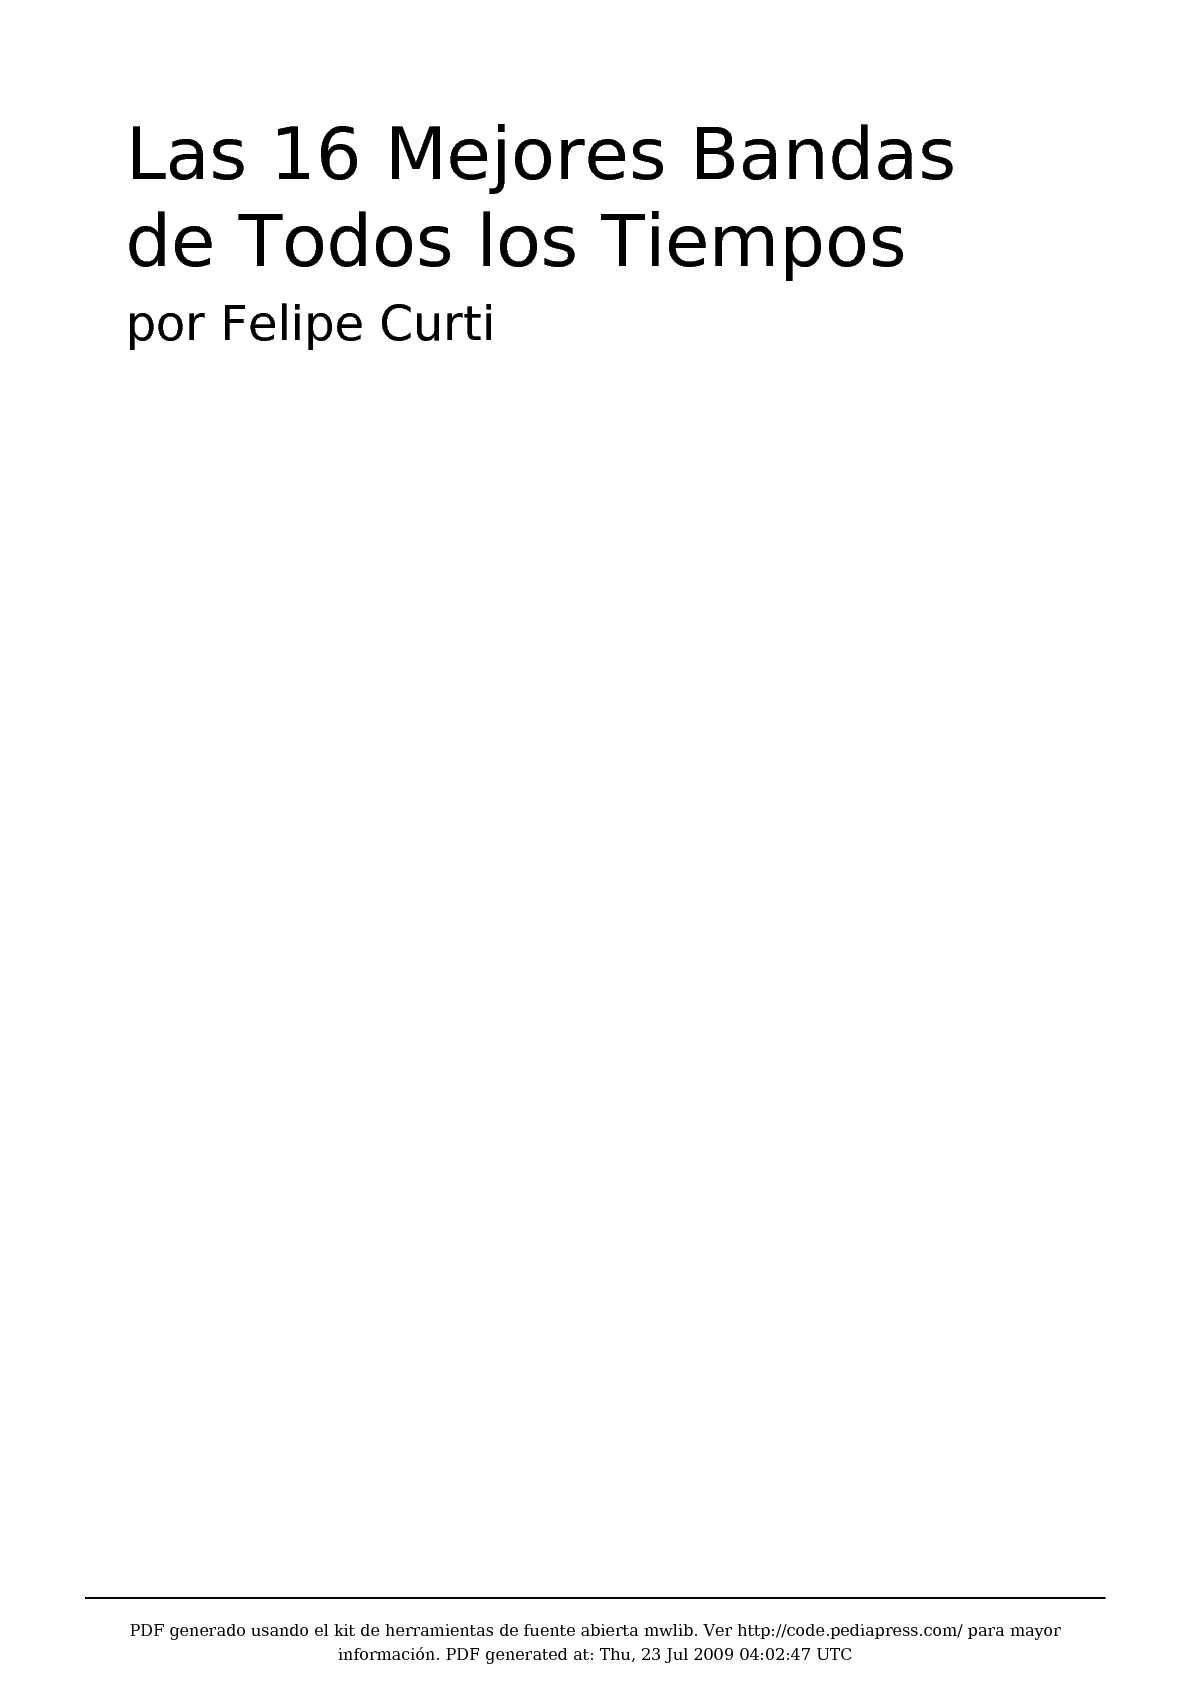 Calendario Escolar Aragon Imprimir Más Arriba-a-fecha Calaméo Las 16 Mejores Bandas De todos Los Tiempos